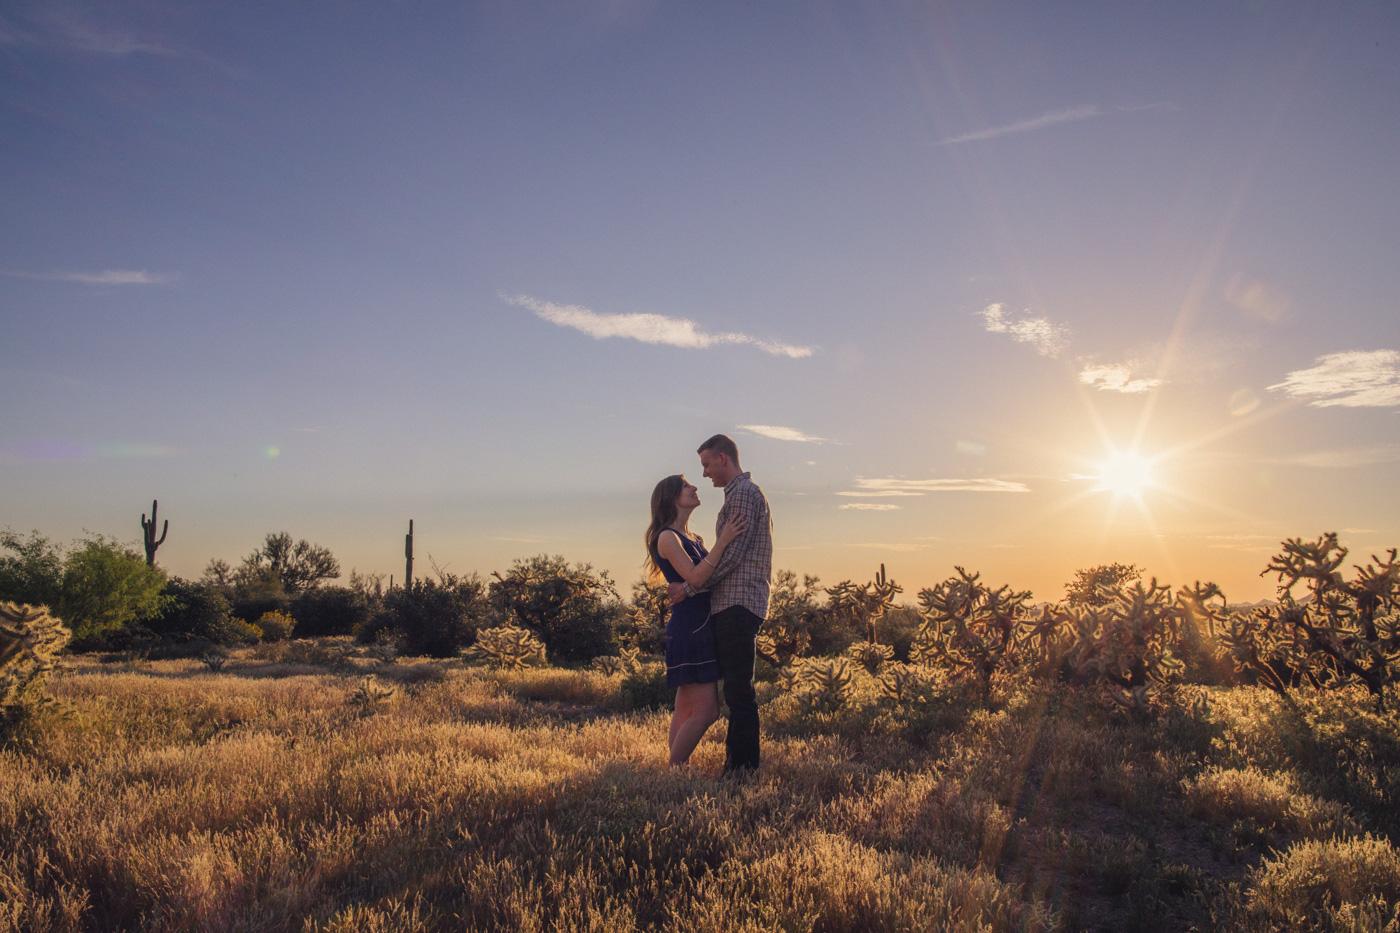 sun-flare-photo-in-desert